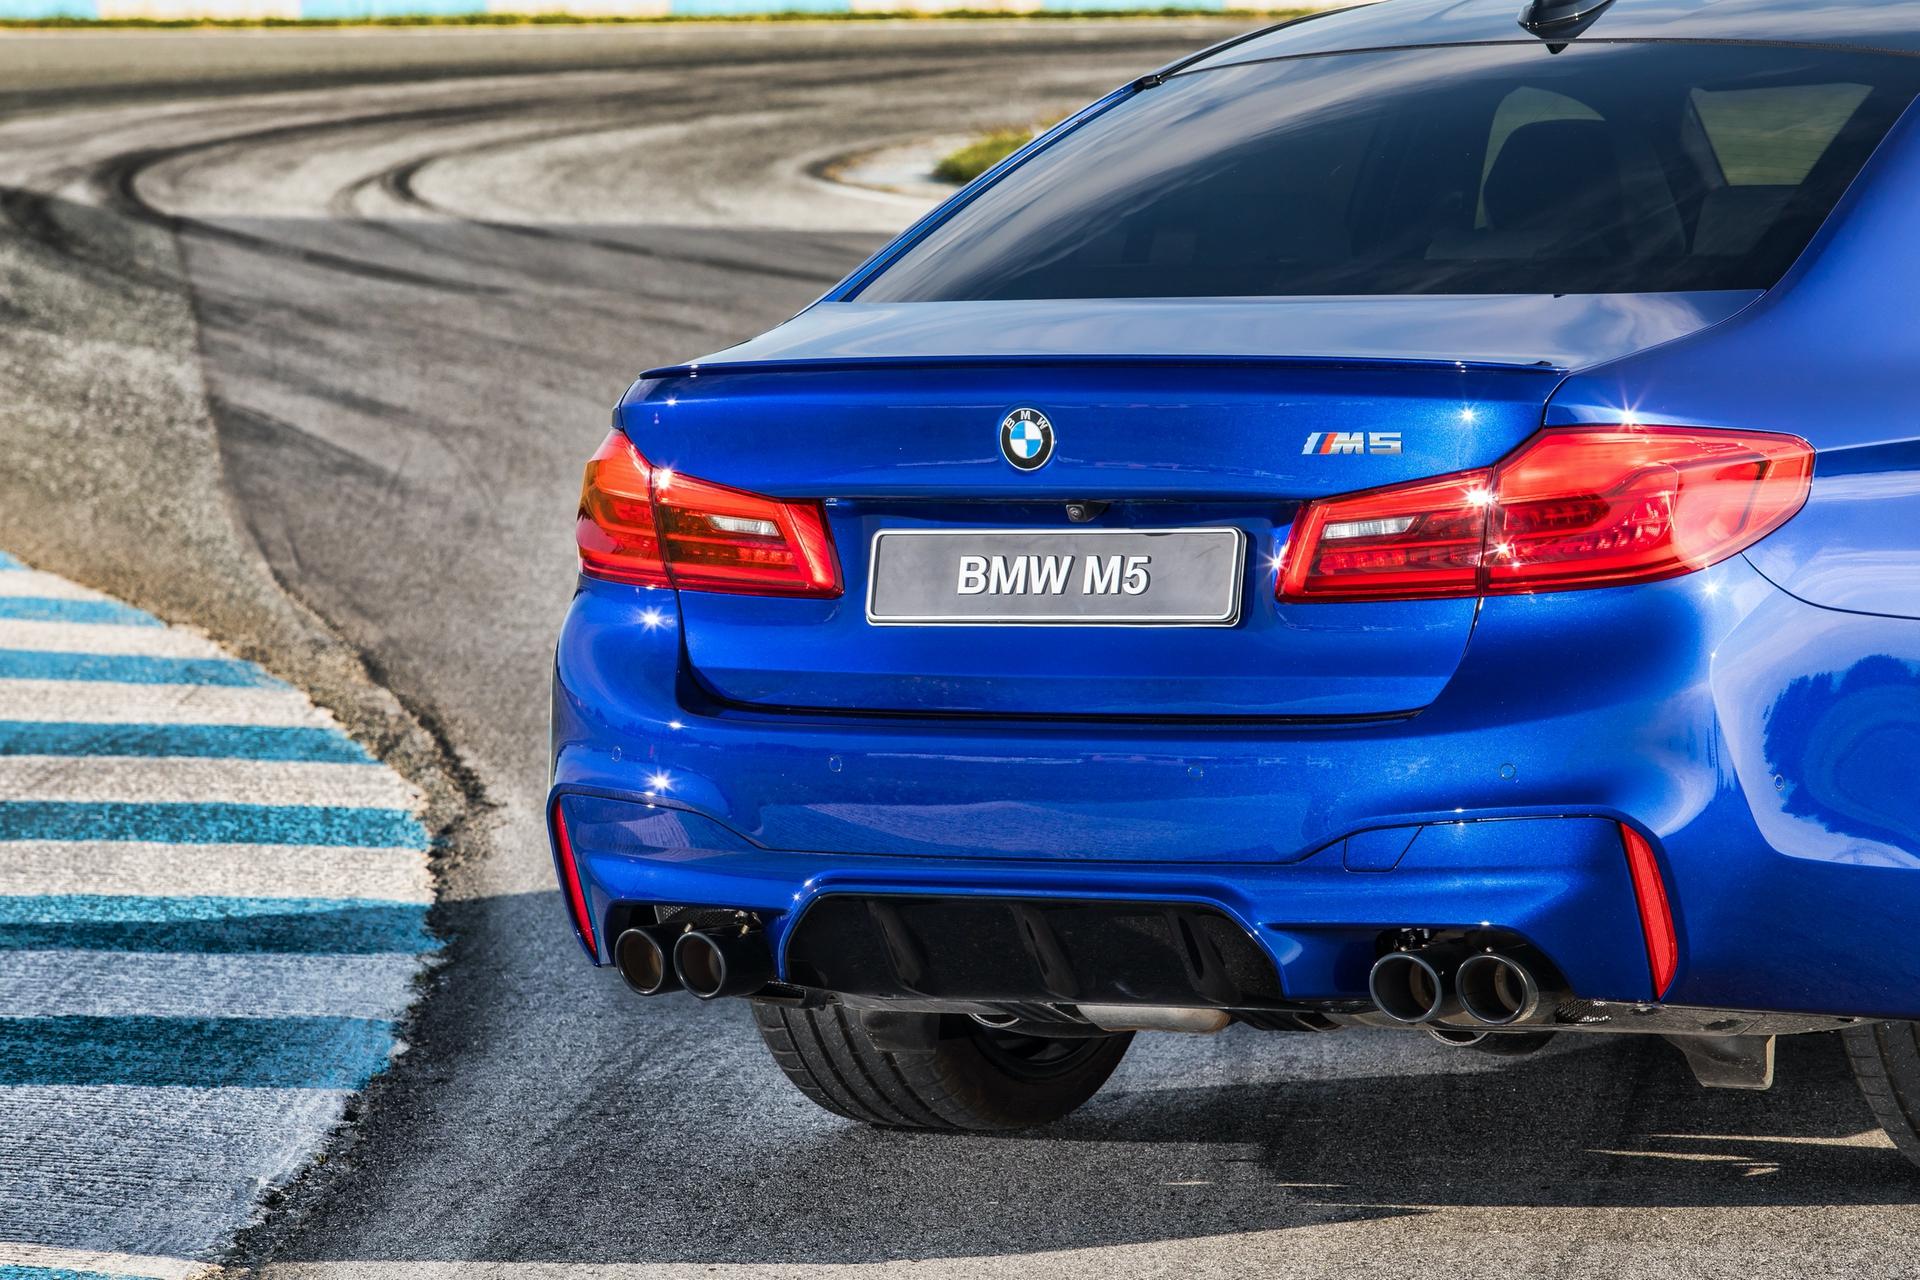 BMW_M5_greek_presskit_0010